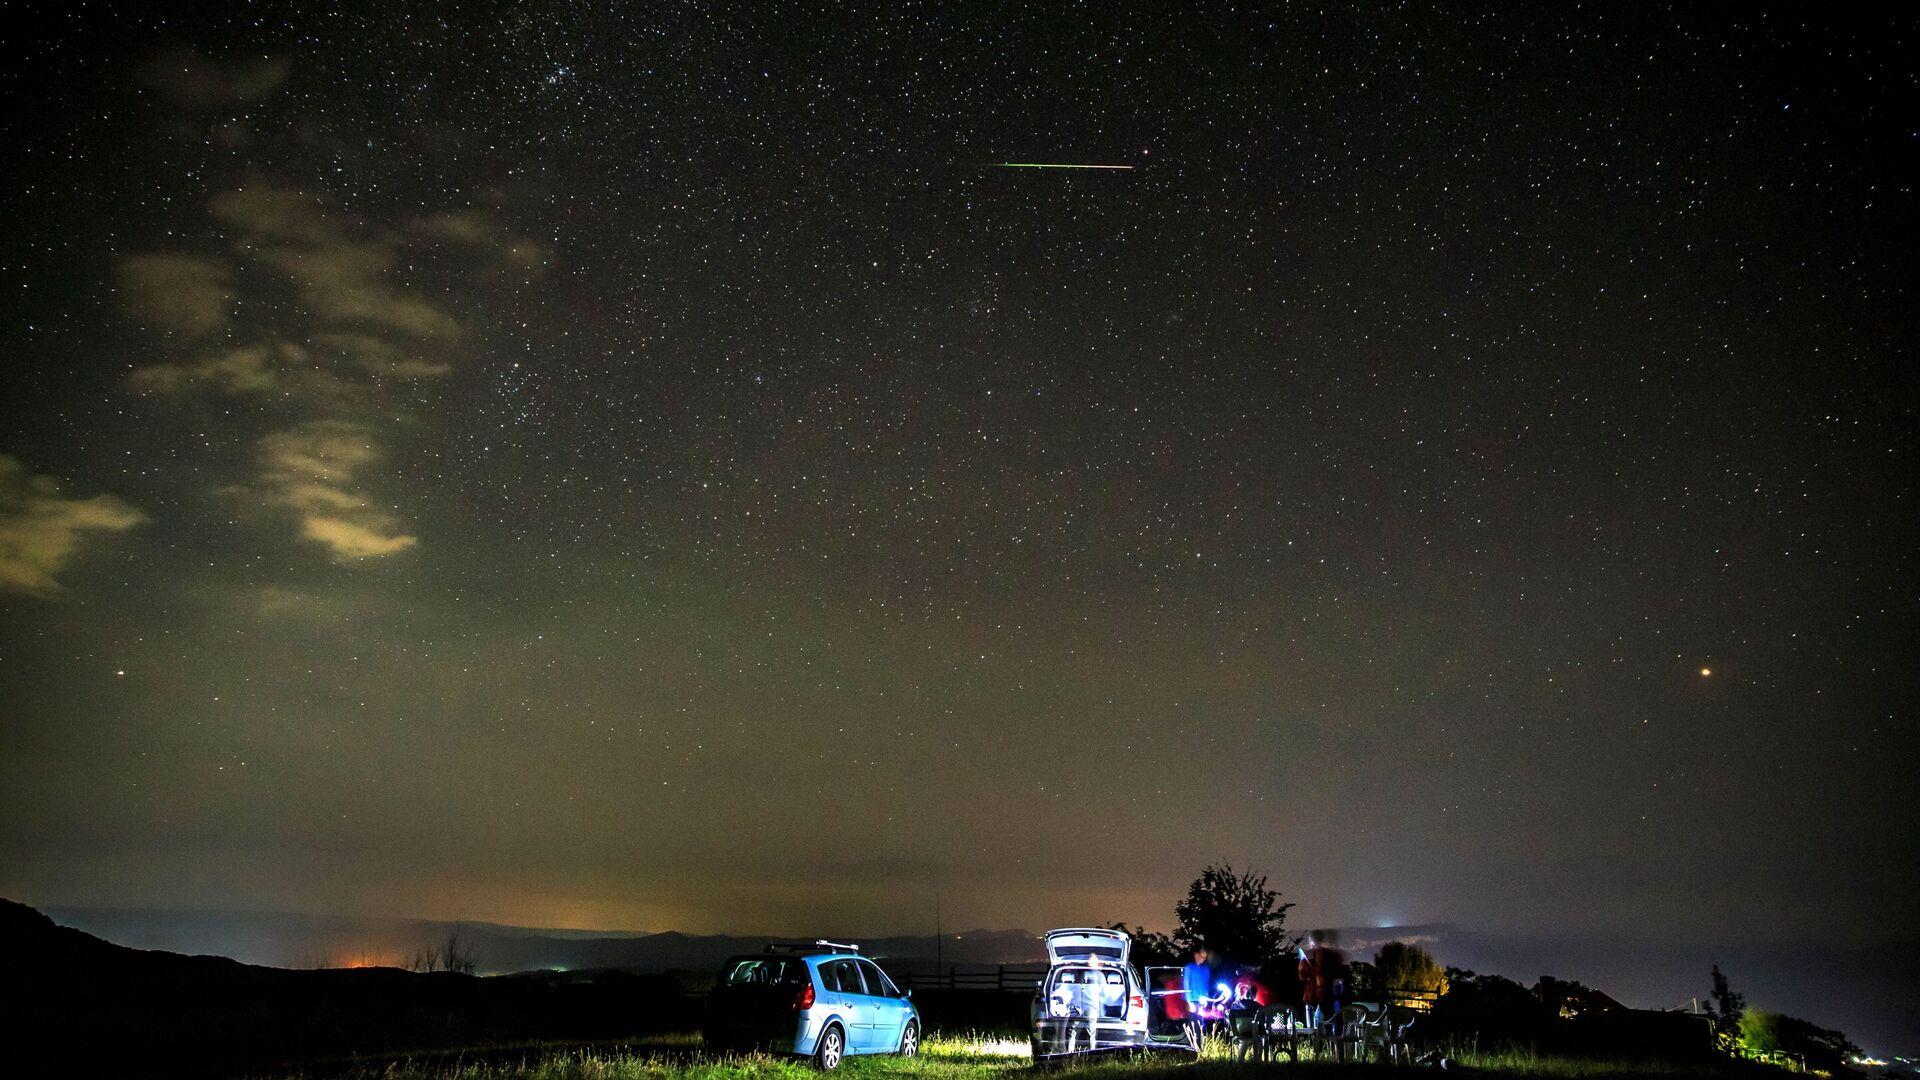 Звездное небо, наблюдаемое в Краснодарском крае во время метеорного потока Персеиды - Sputnik Грузия, 1920, 29.09.2021